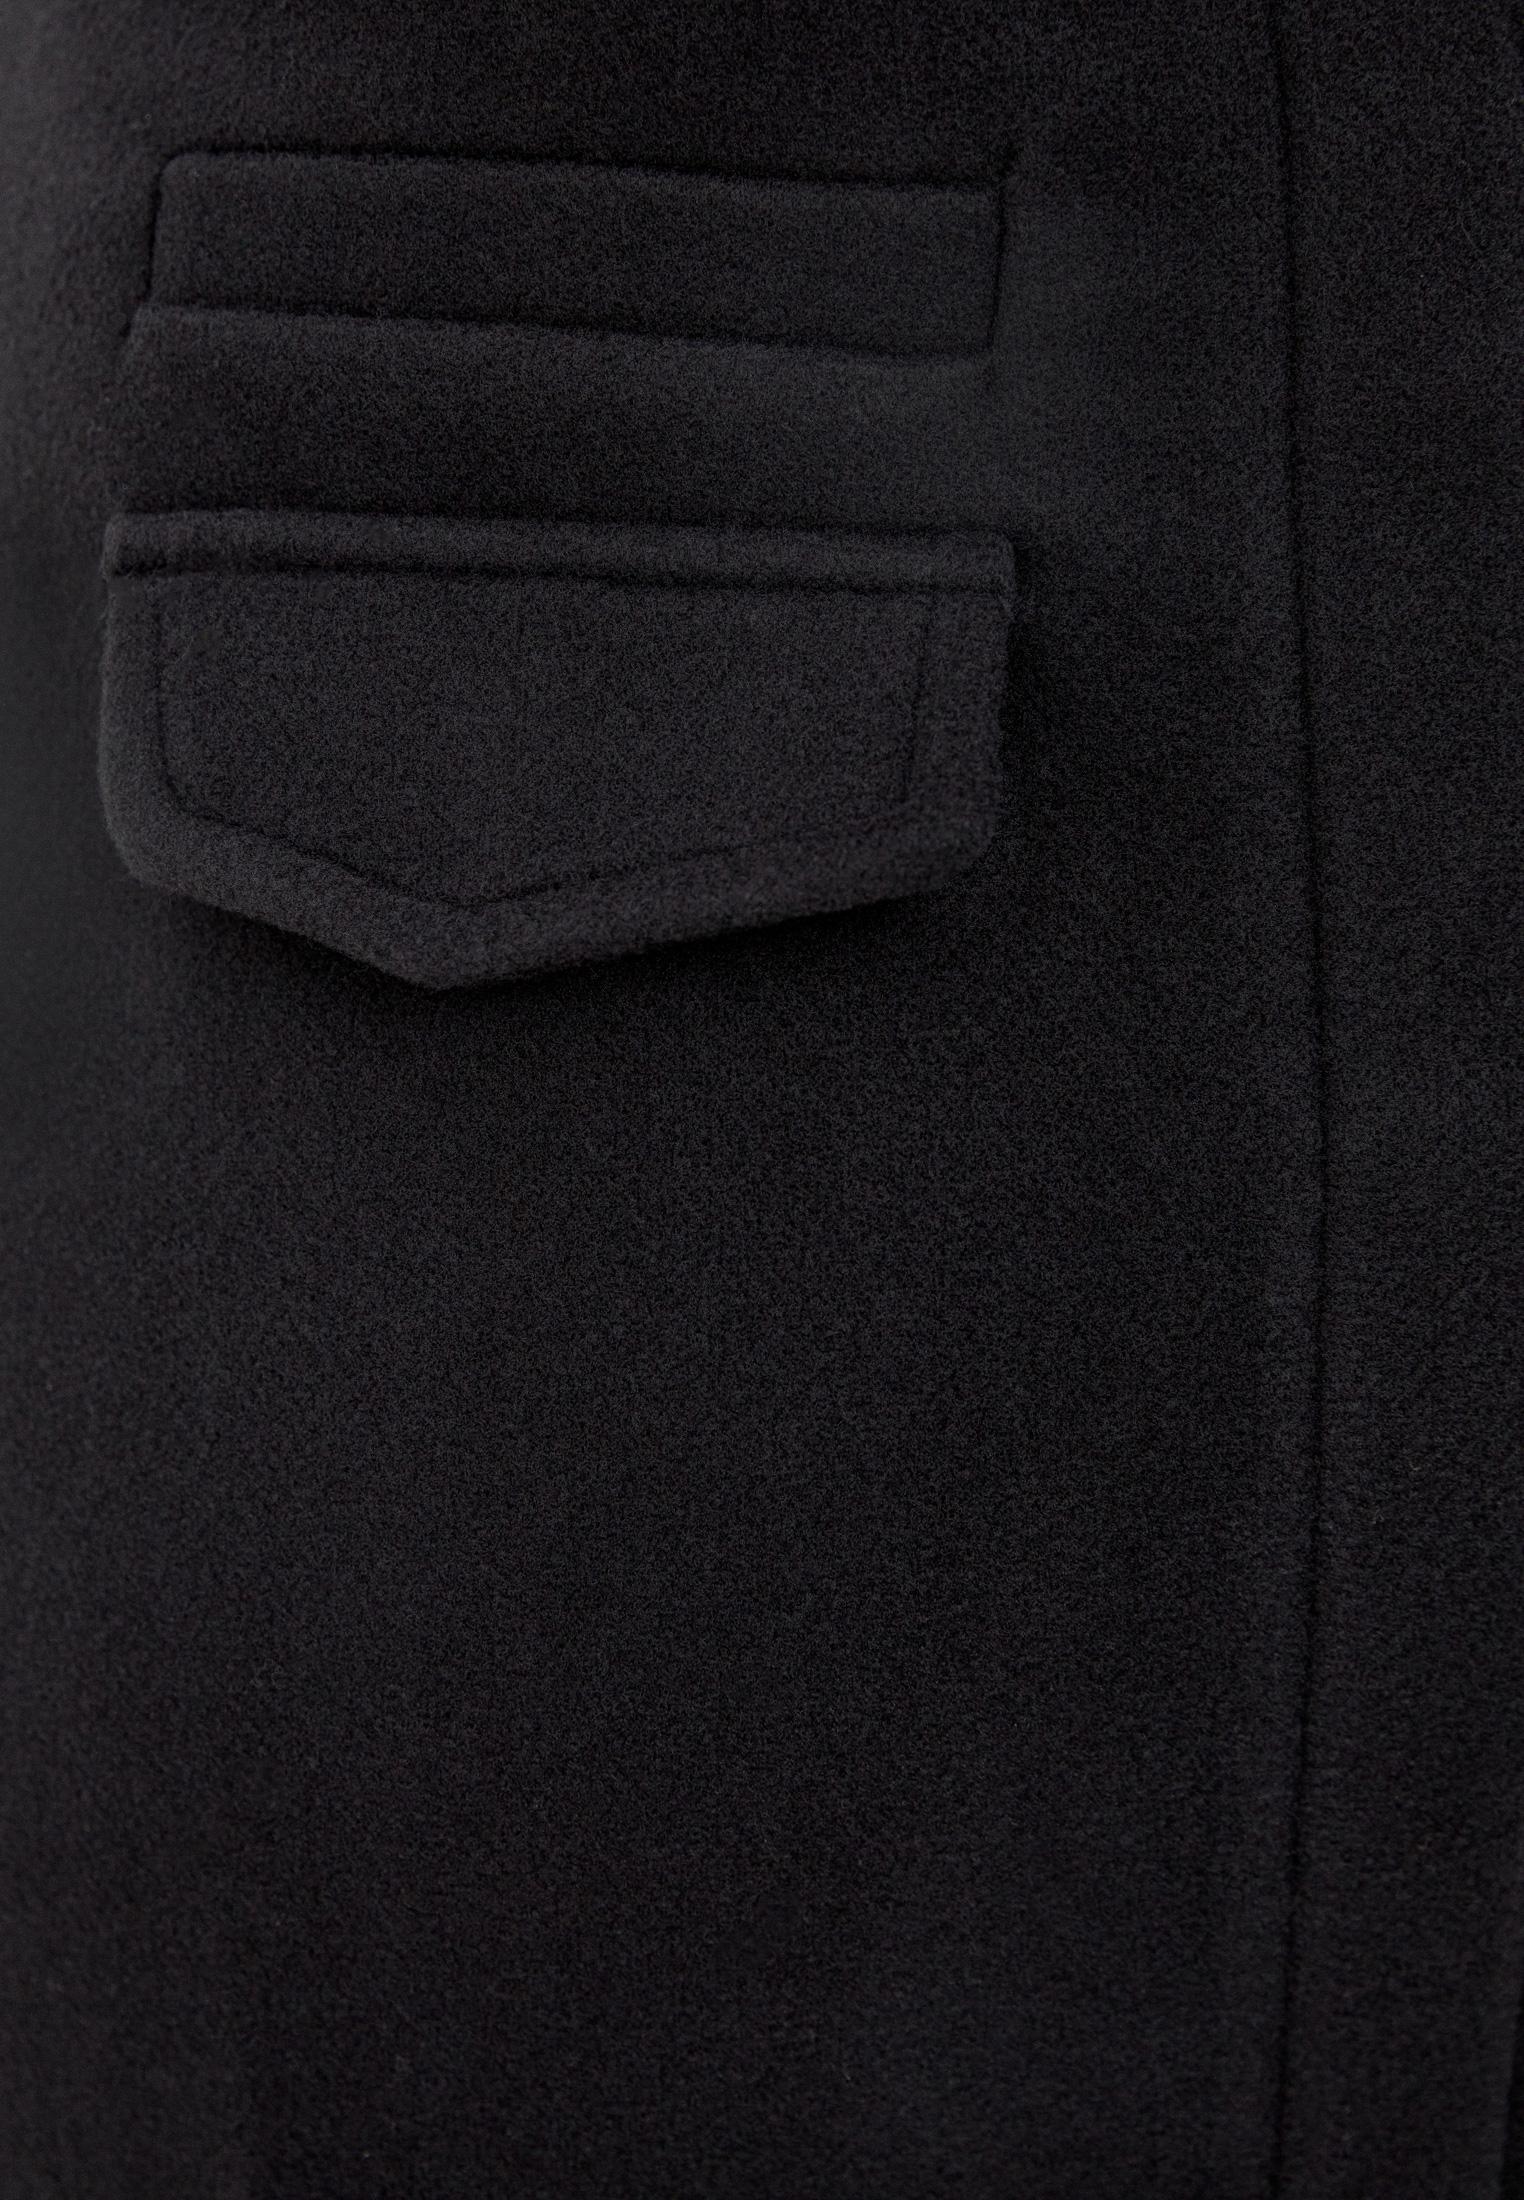 Прямая юбка Allegri 6662: изображение 4